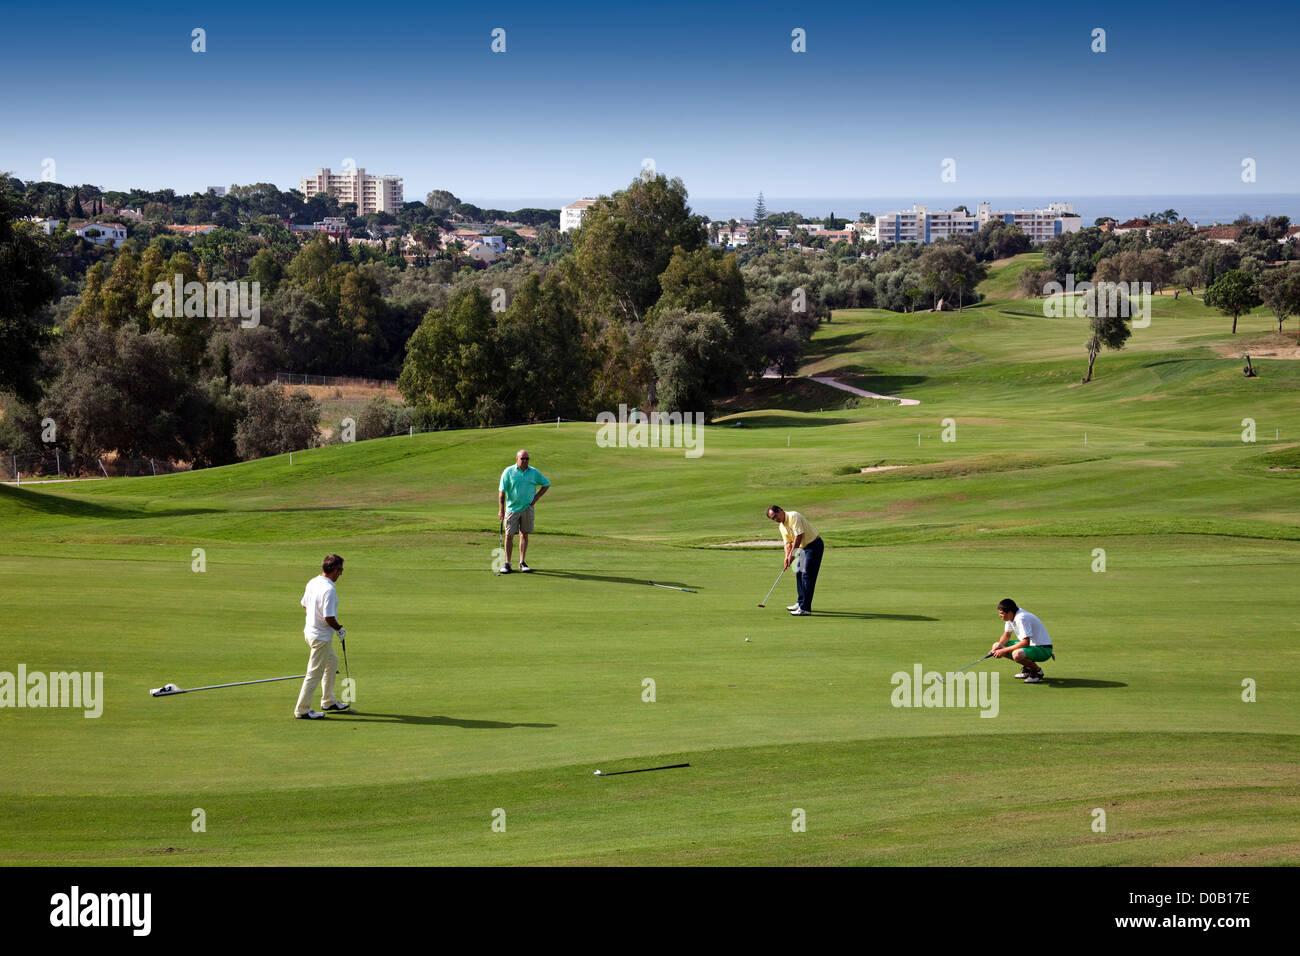 Marbella Club Golf Malaga Costa del Sol Andalousie Espagne Photo Stock